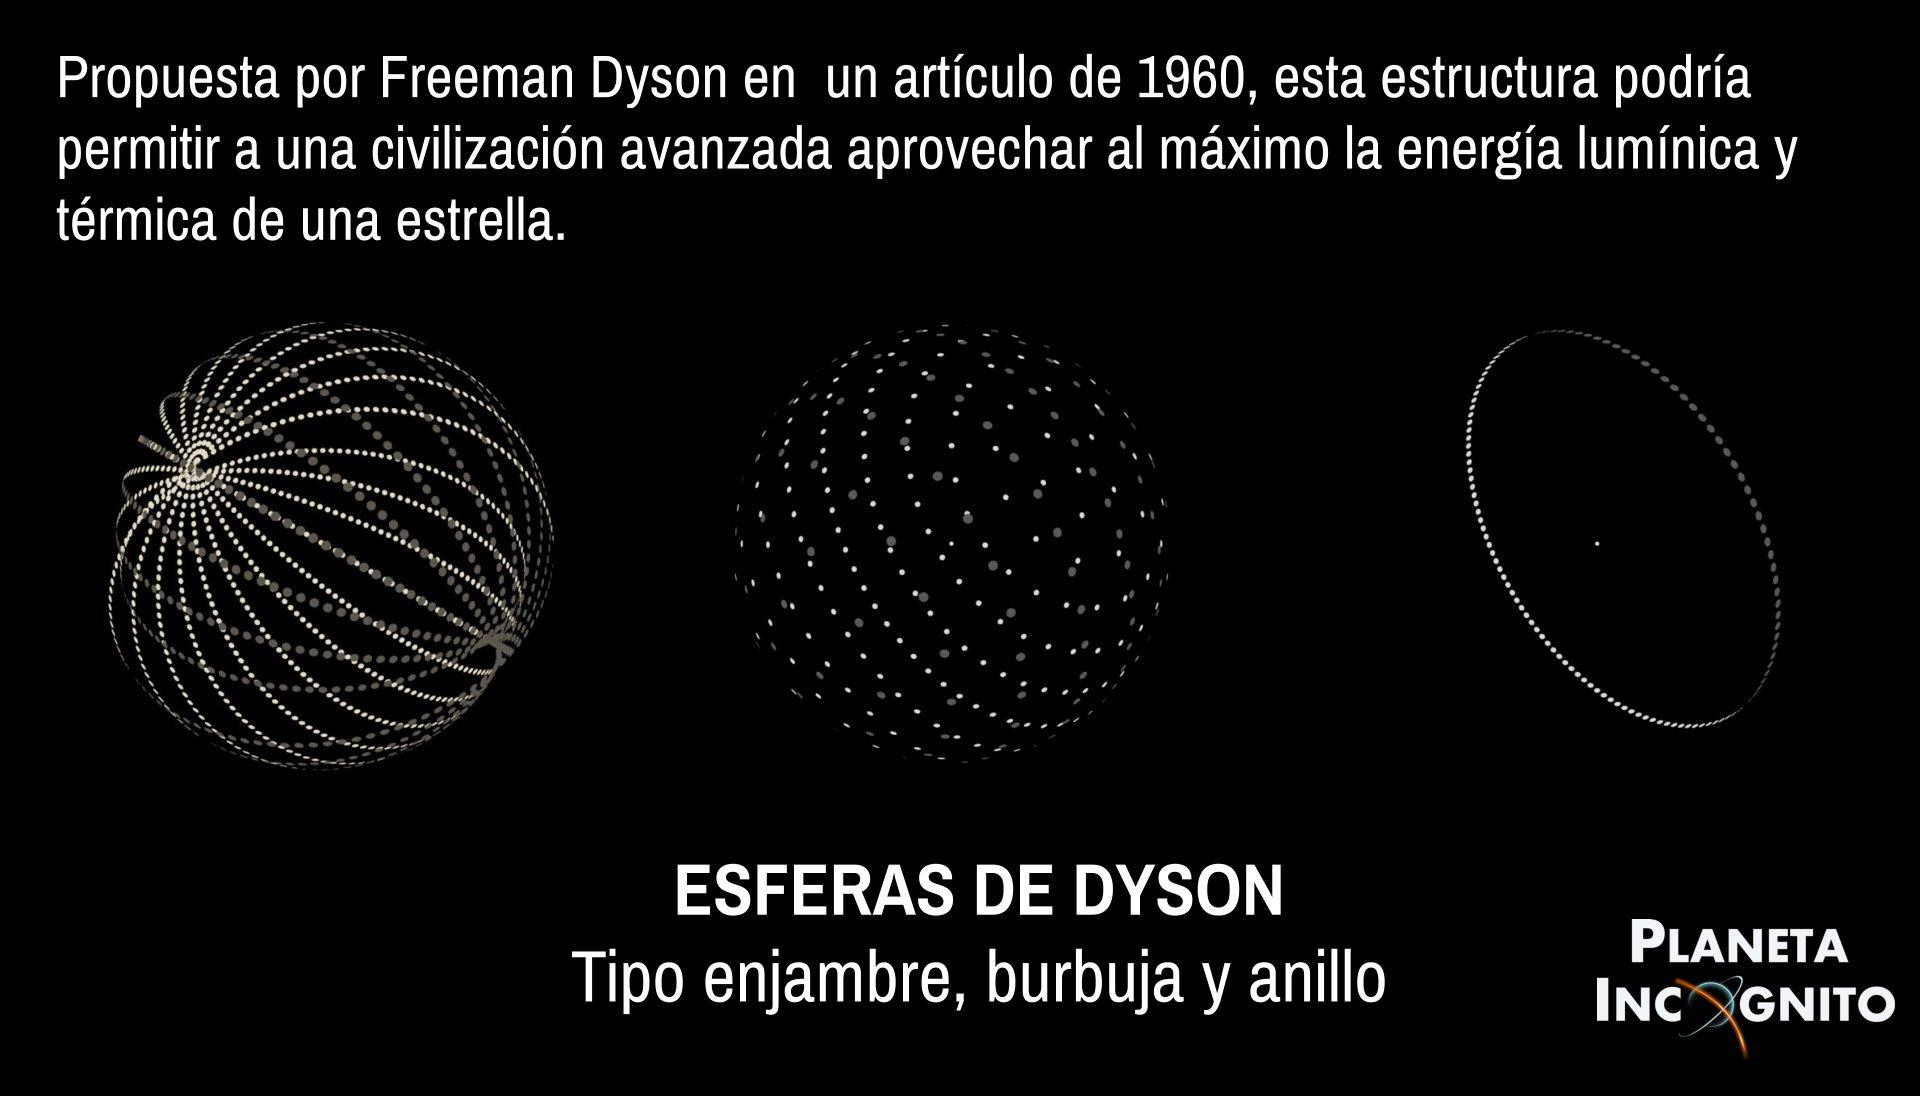 Propuesta por Freeman Dyson en un artículo de 1960, esta estructura podría permitir a una civilización avanzada aprovechar al máximo la energía lumínica y térmica de una estrella. Estructuras tipo Enjambre, burbuja y anillo